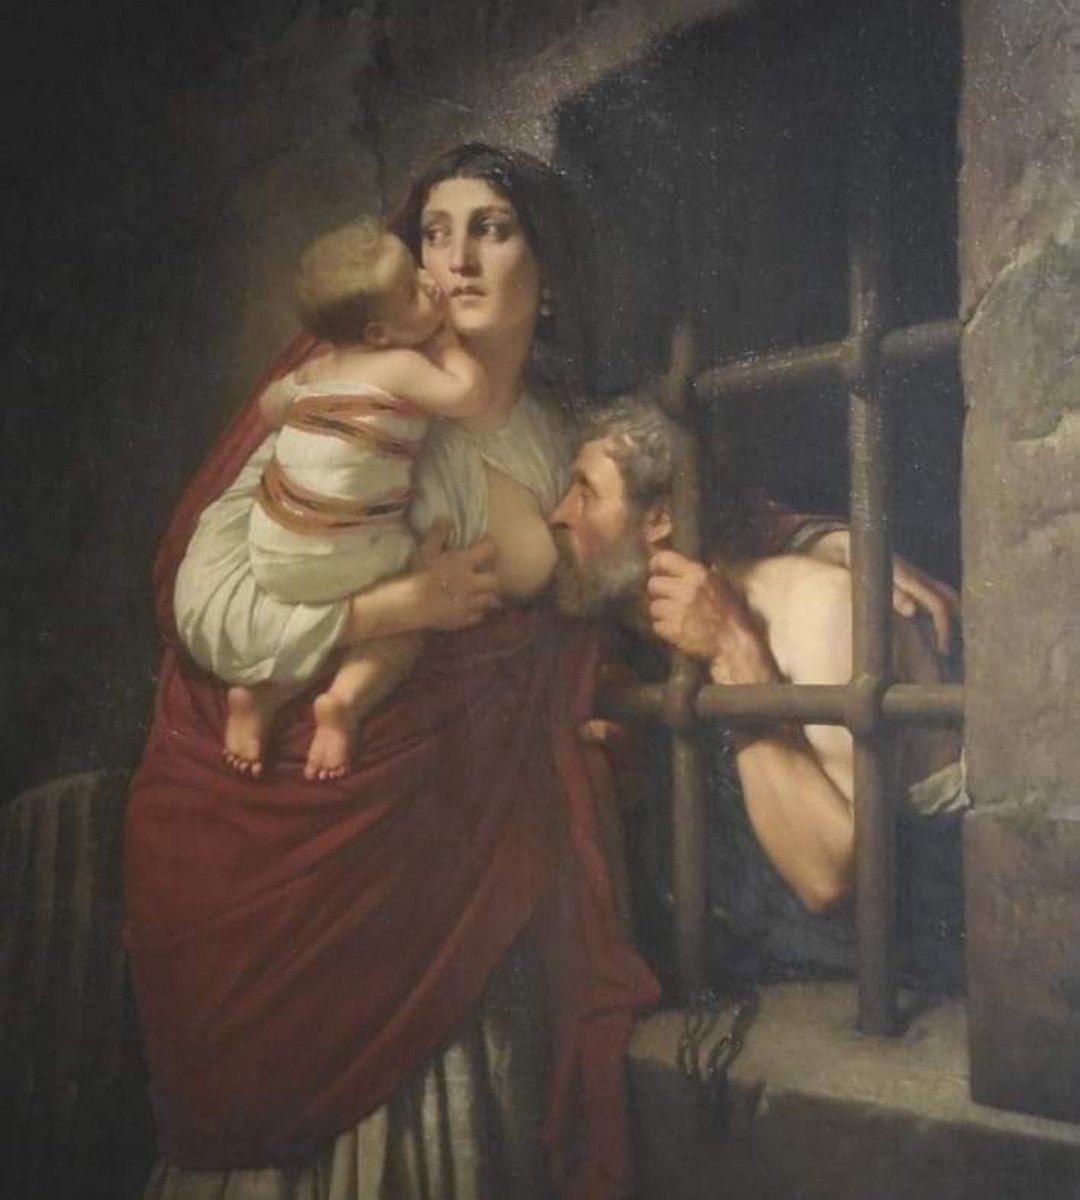 Caritas romana una storia di pietà e compassione umana.